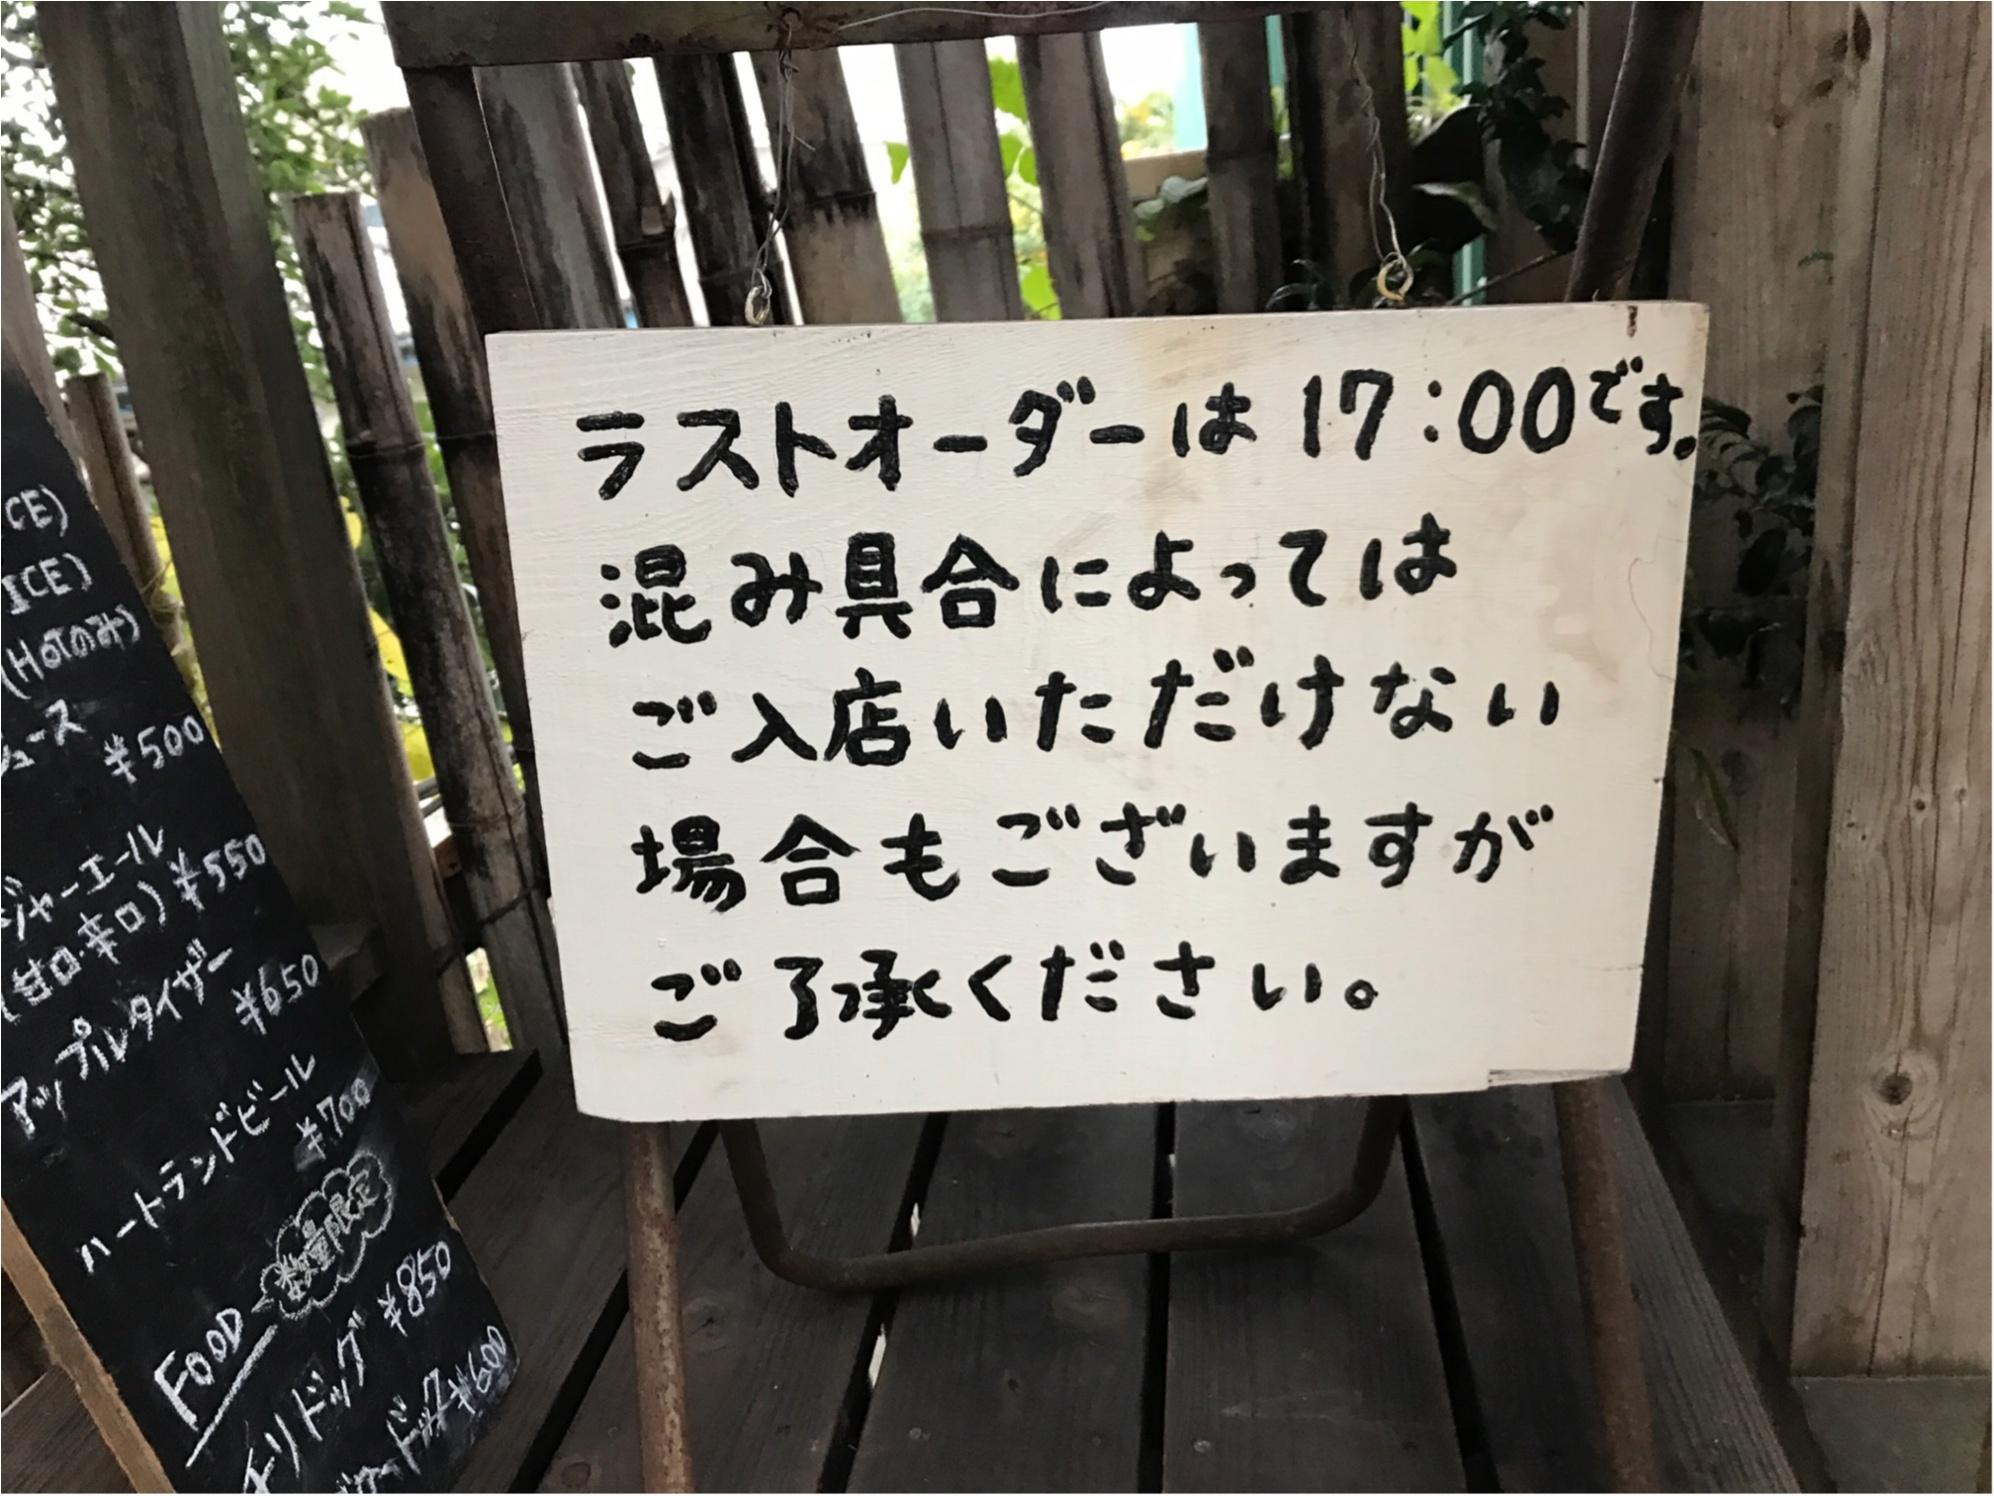 """【ドラマロケ地カフェ】女優水川あさみさん""""シェアハウスの恋人""""で使われたツリーハウスカフェ潜入!オトナの秘密基地発見!限定30食メニュー食べてきました♡♡_2"""